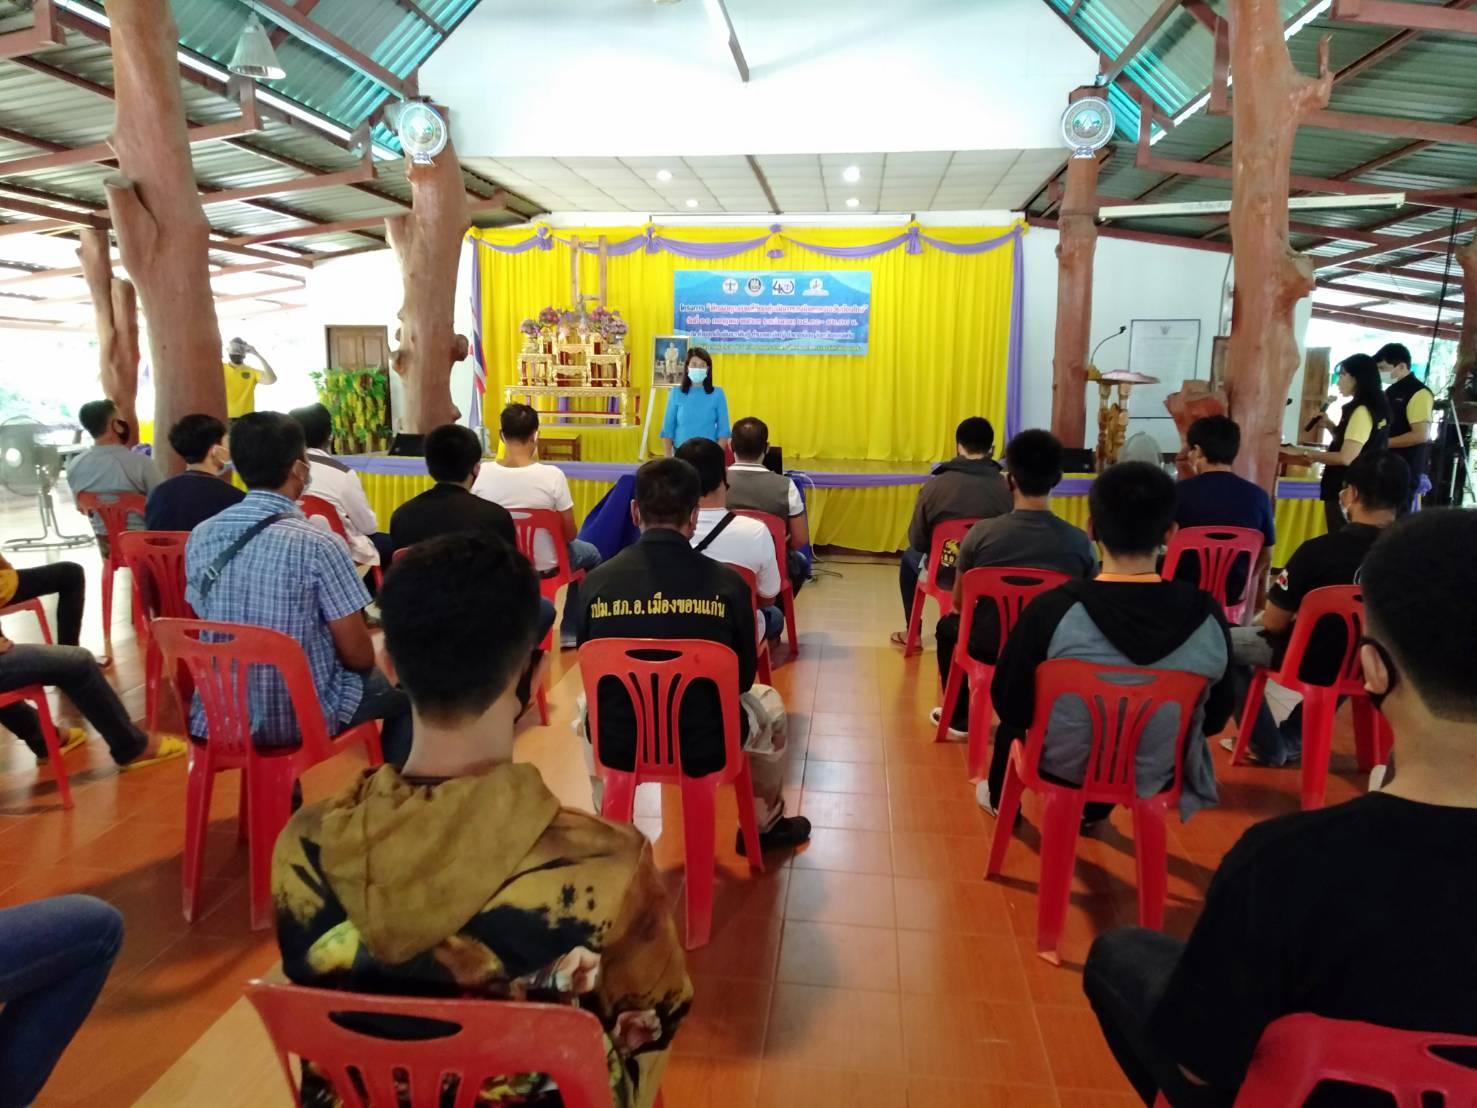 วันที่ 10 กรกฎาคม 2563  สำนักงานจัดหางานจังหวัดขอนแก่นให้บริการ จัดหางานแก่ผู้พันโทษ ณ.ค่ายลูกเสือพ